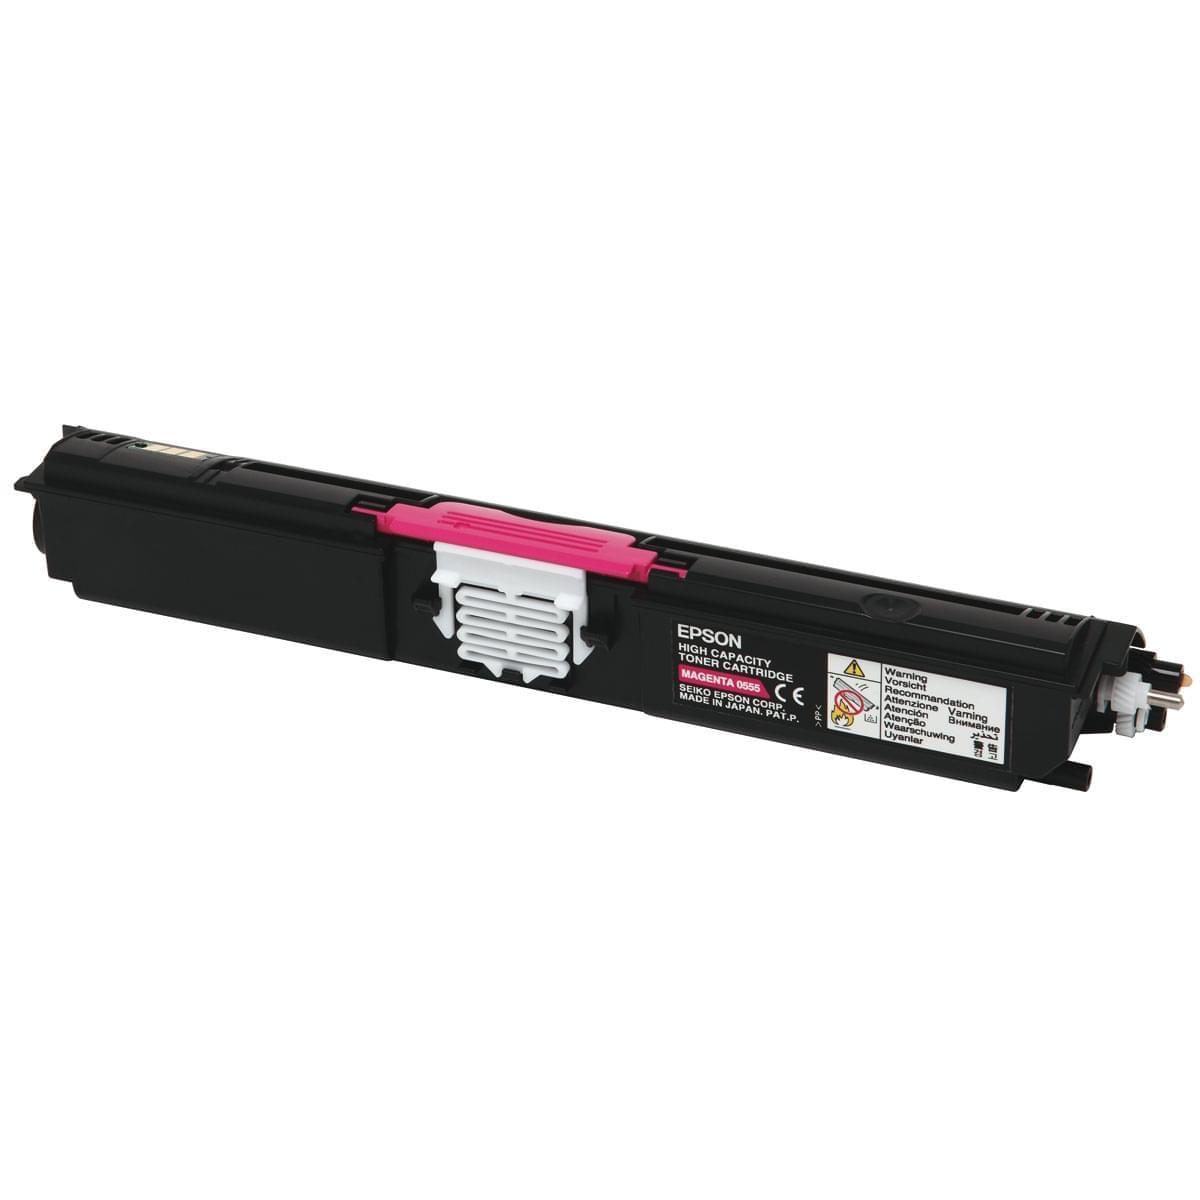 Toner Magenta Haute Capacité 2700p - C13S050555 pour imprimante Laser Epson - 0